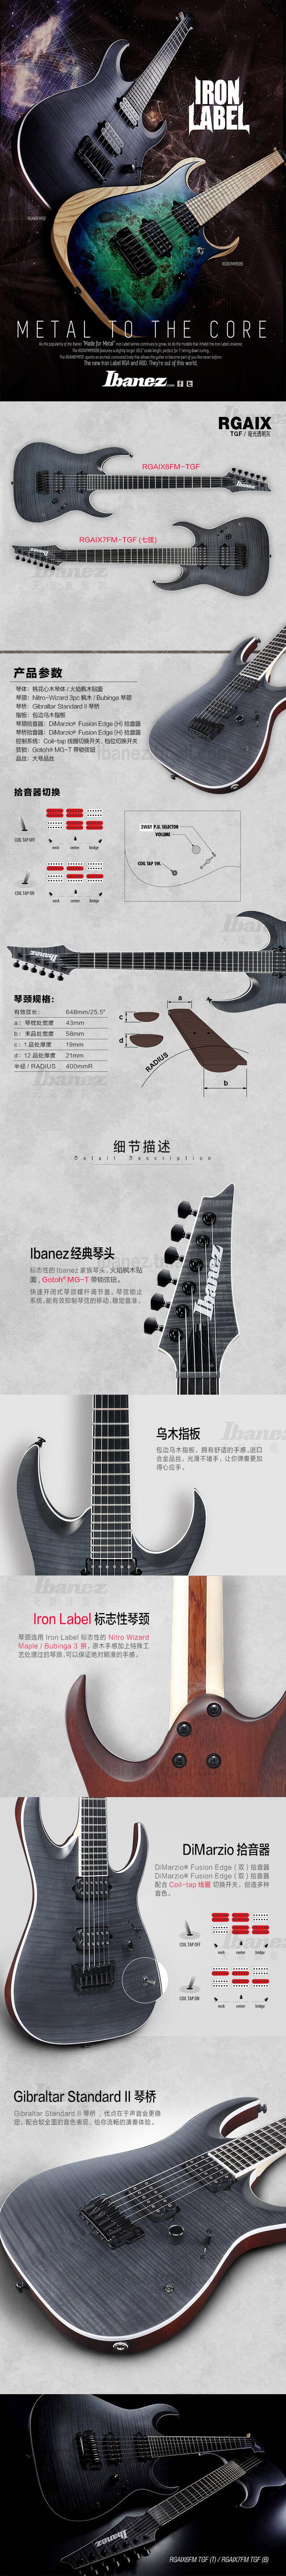 Ibanez官方旗舰店 爱宾斯 依班娜 RGAIX系列电吉他 6弦7弦可选 05